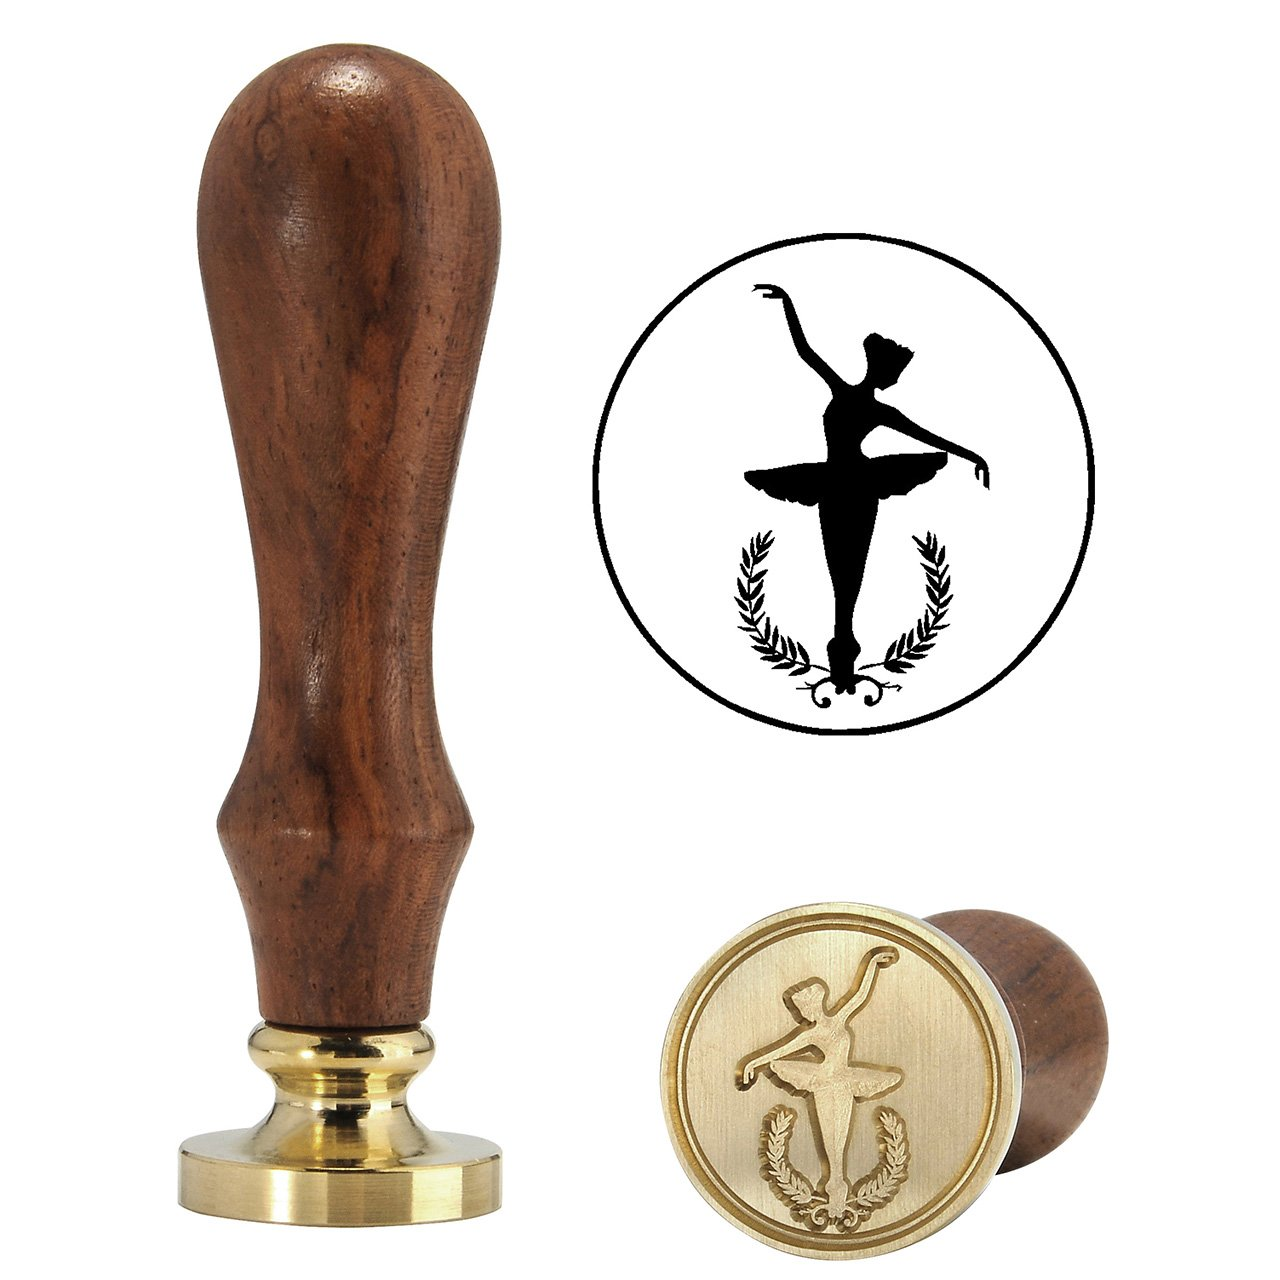 Elegant Ballet Dancer Wax Stamp, Yoption Vintage Retro Elegant Ballet Dancer Wax Stamp, Great for Embellishment of Cards Envelopes, Invitations, Wine Packages,Ideal Gift (Ballet Dancer #1)